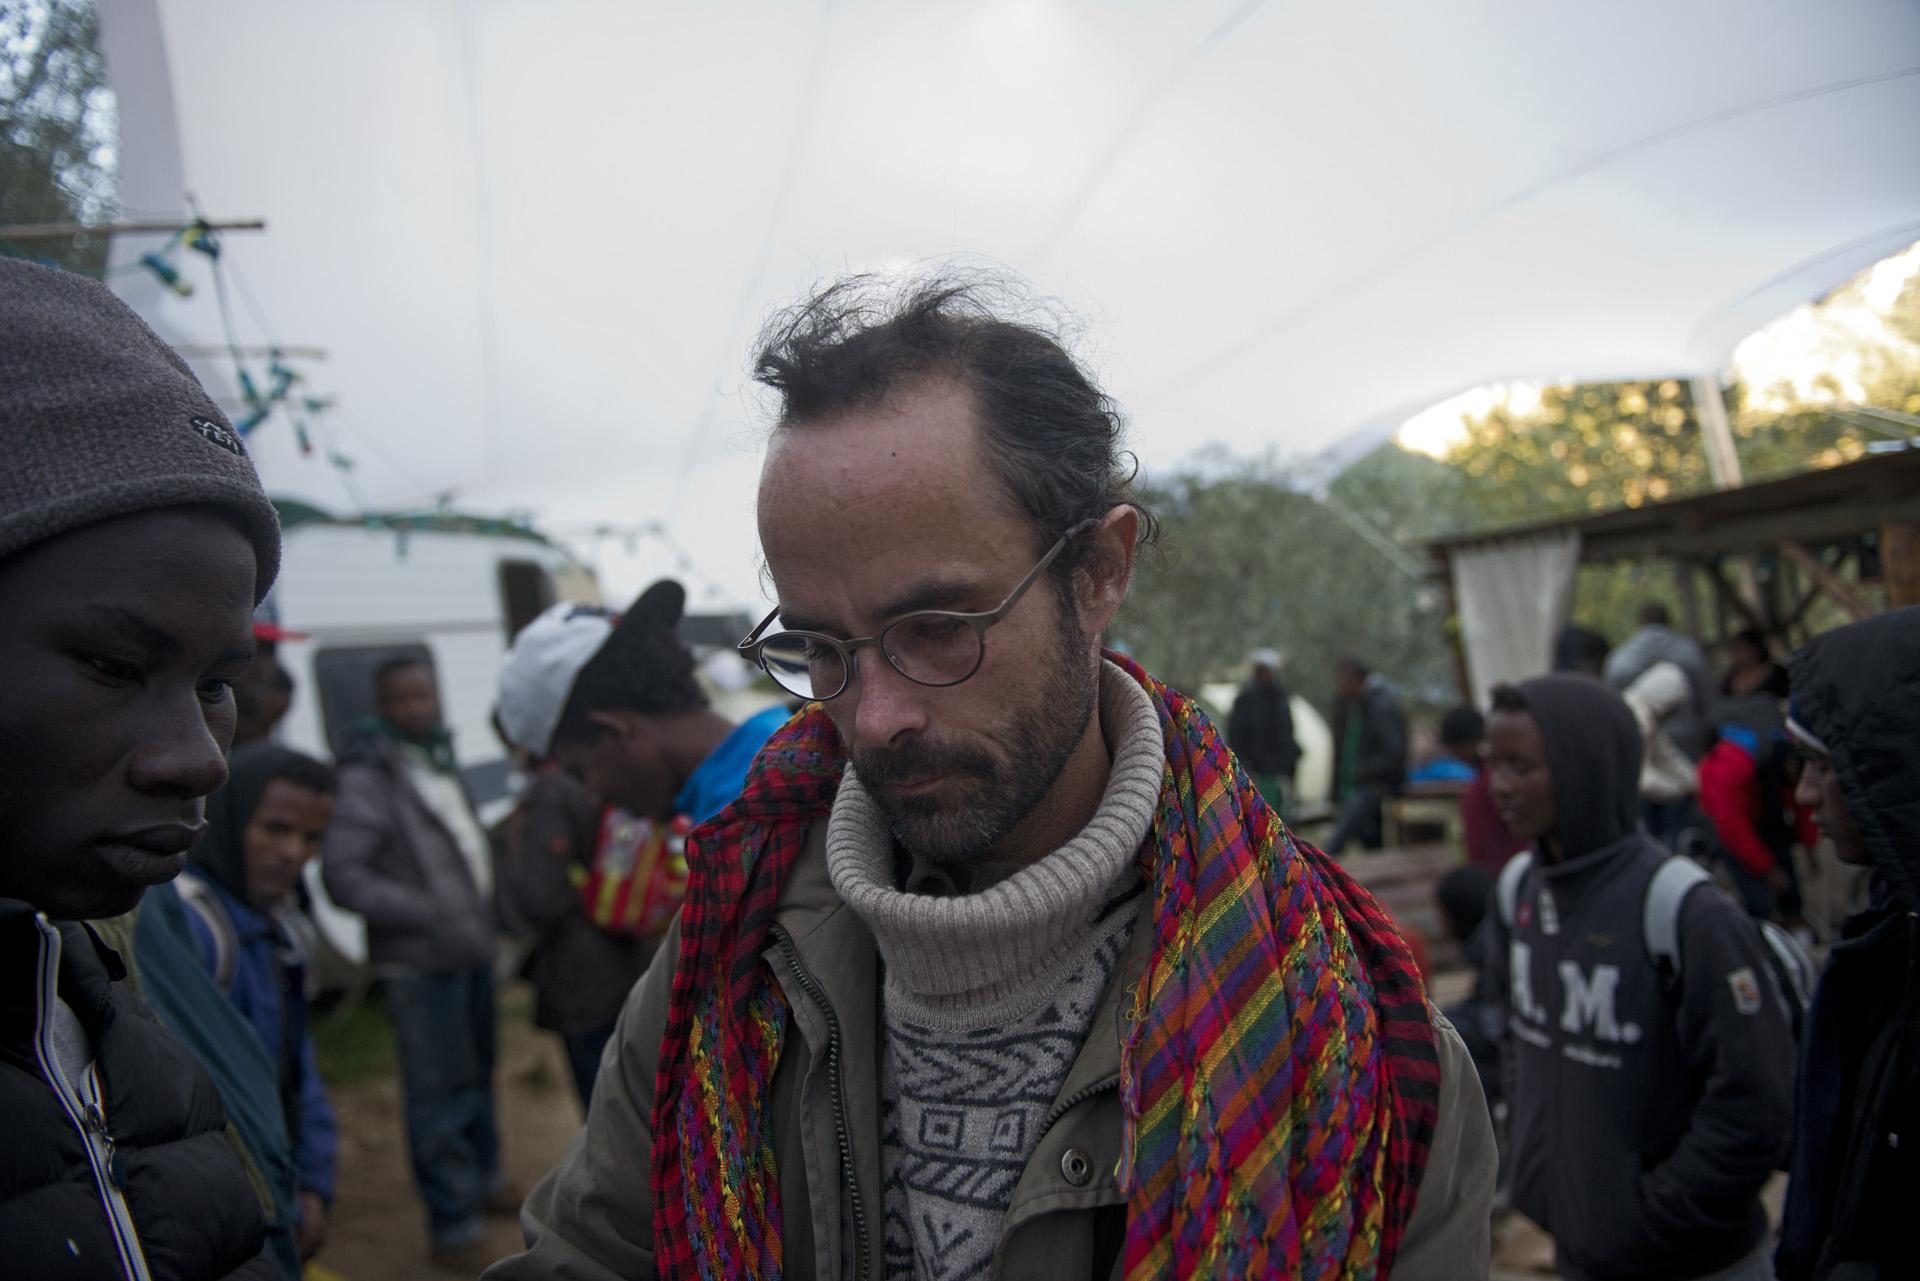 Cédric Herrou est un des habitants de la Roya qui accueille les migrants de passage. Mais cet agriculteur de 37 ans s'est rapidement retrouvé débordé. A la mi-octobre, avec d'autres habitants de la vallée, il installe 70 exilés  «en détresse »  dans un bâtiment désaffecté de la SNCF à Saint-Dalmas-de-Tende. Le camp informel sera fermé au bout de 3 jours par les forces de l'ordre. Et Cédric Herrou appelé dans la foulée à comparaître pour  «aide à l'entrée sur le territoire et au séjour irrégulier ». En août dernier, dans une 1ère affaire classée sans suite, le parquet de Nice avait estimé que Cédric Herrou bénéficiait d'une «immunité humanitaire» car il avait agit sans rétribution et en faveur de personnes qu'il jugeait en péril. Lors de ce nouveau procès, il risque jusqu'à 30.000 € d'amende et 5 ans de prison.